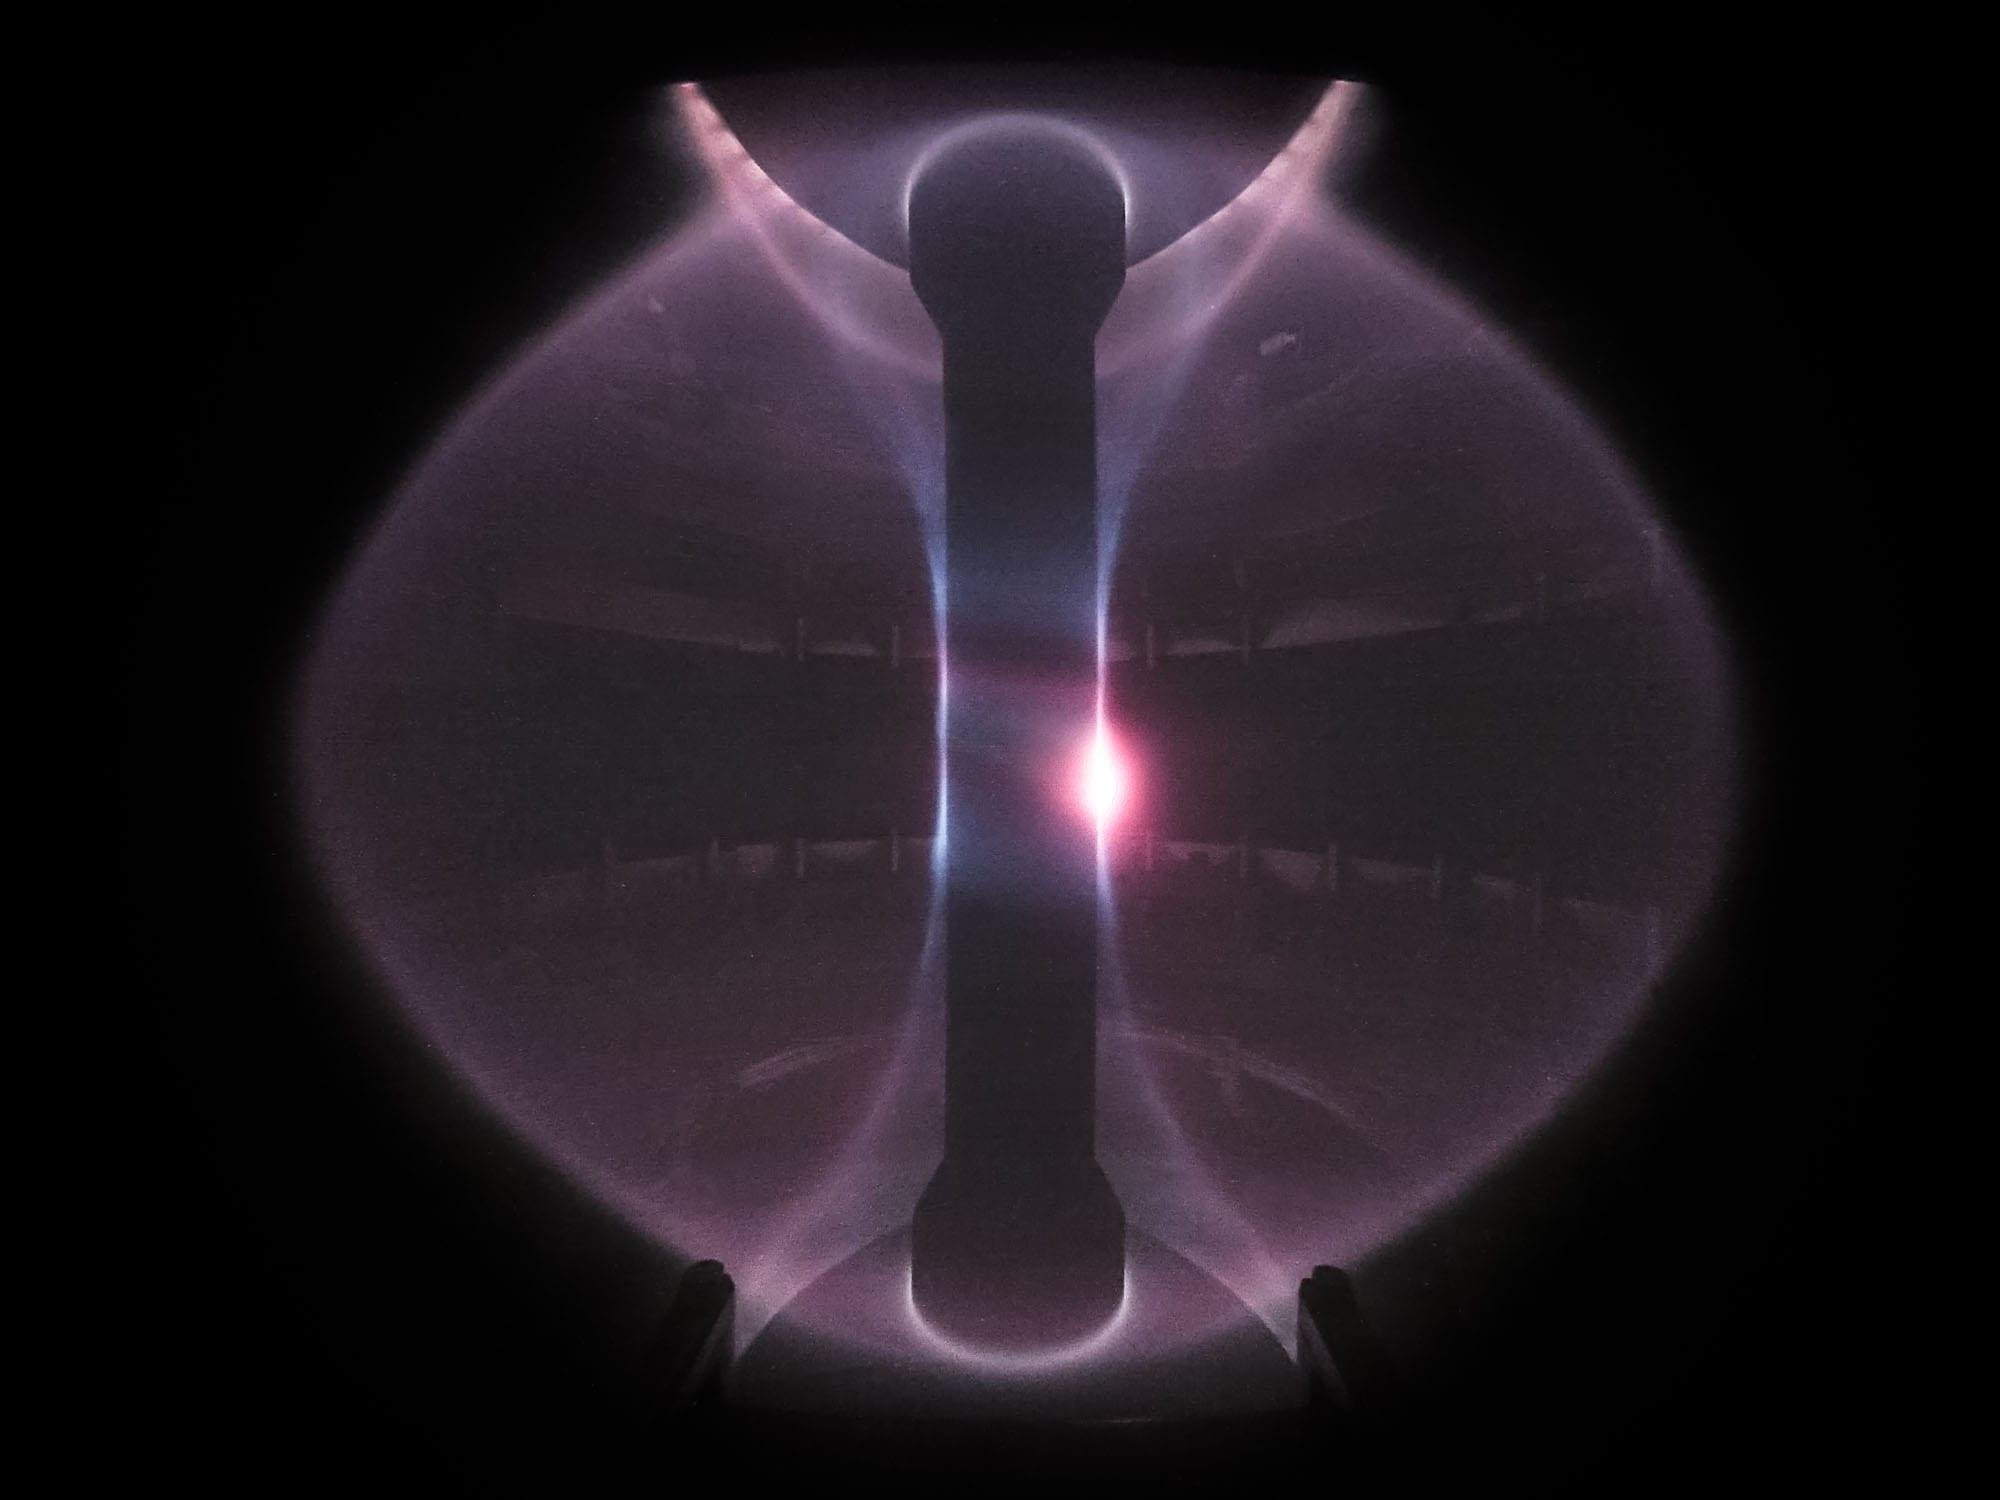 Plasma in the MAST spherical tokamak device